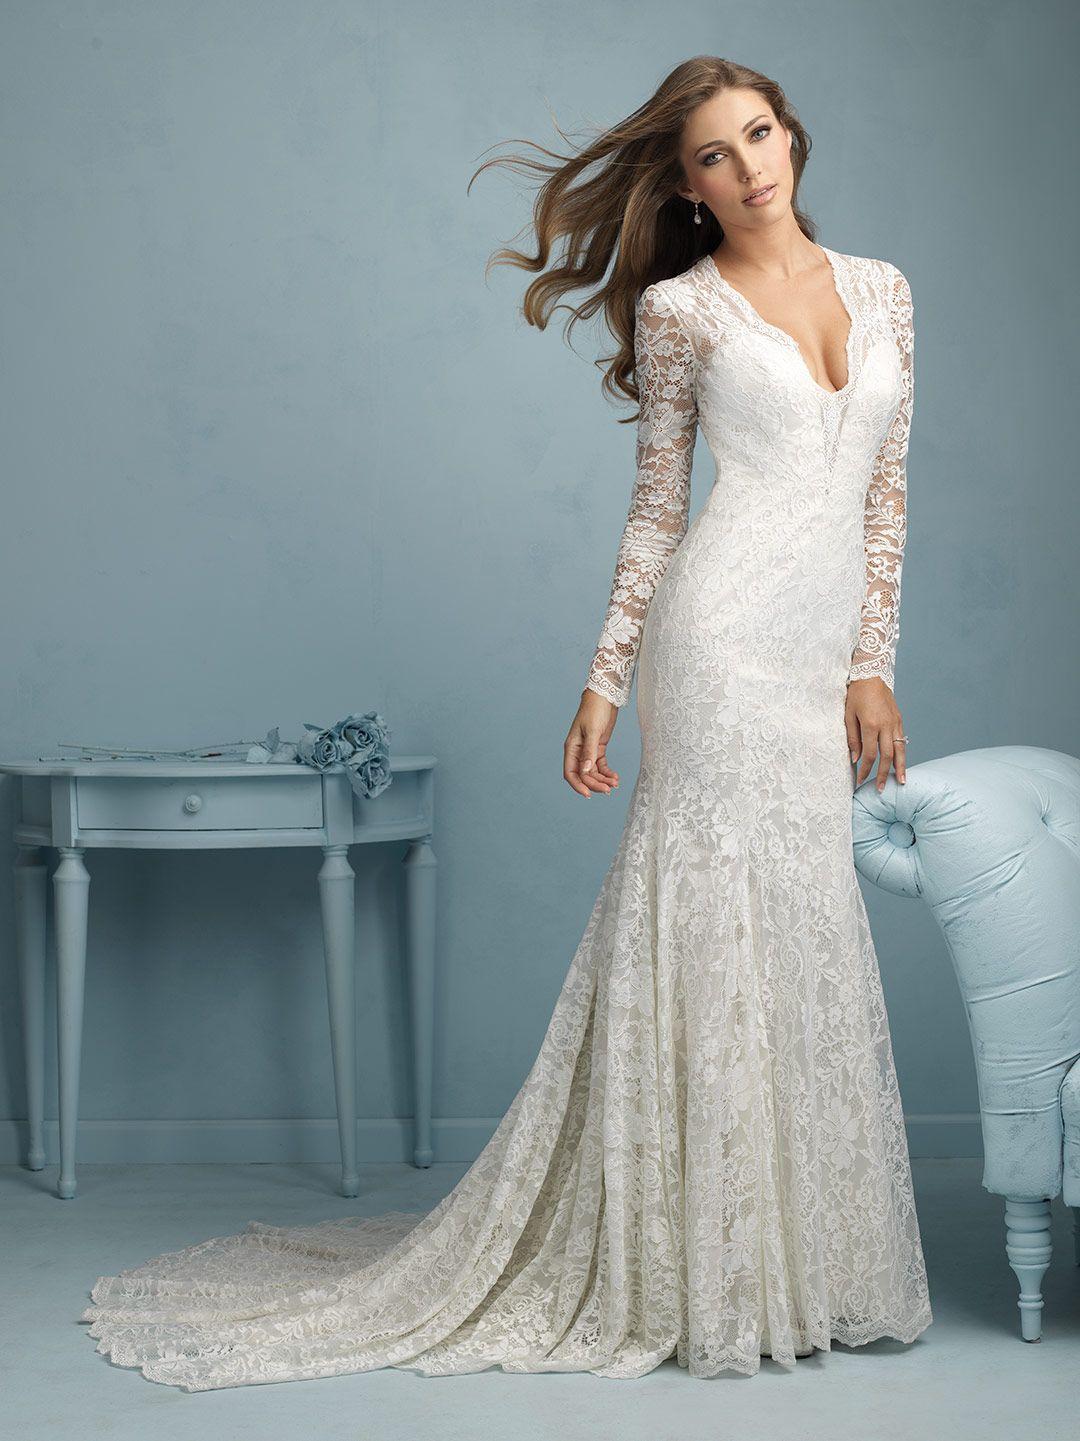 Allure Bridals - 9213   Allure Bridals Dresses at Romashka Bridal ...